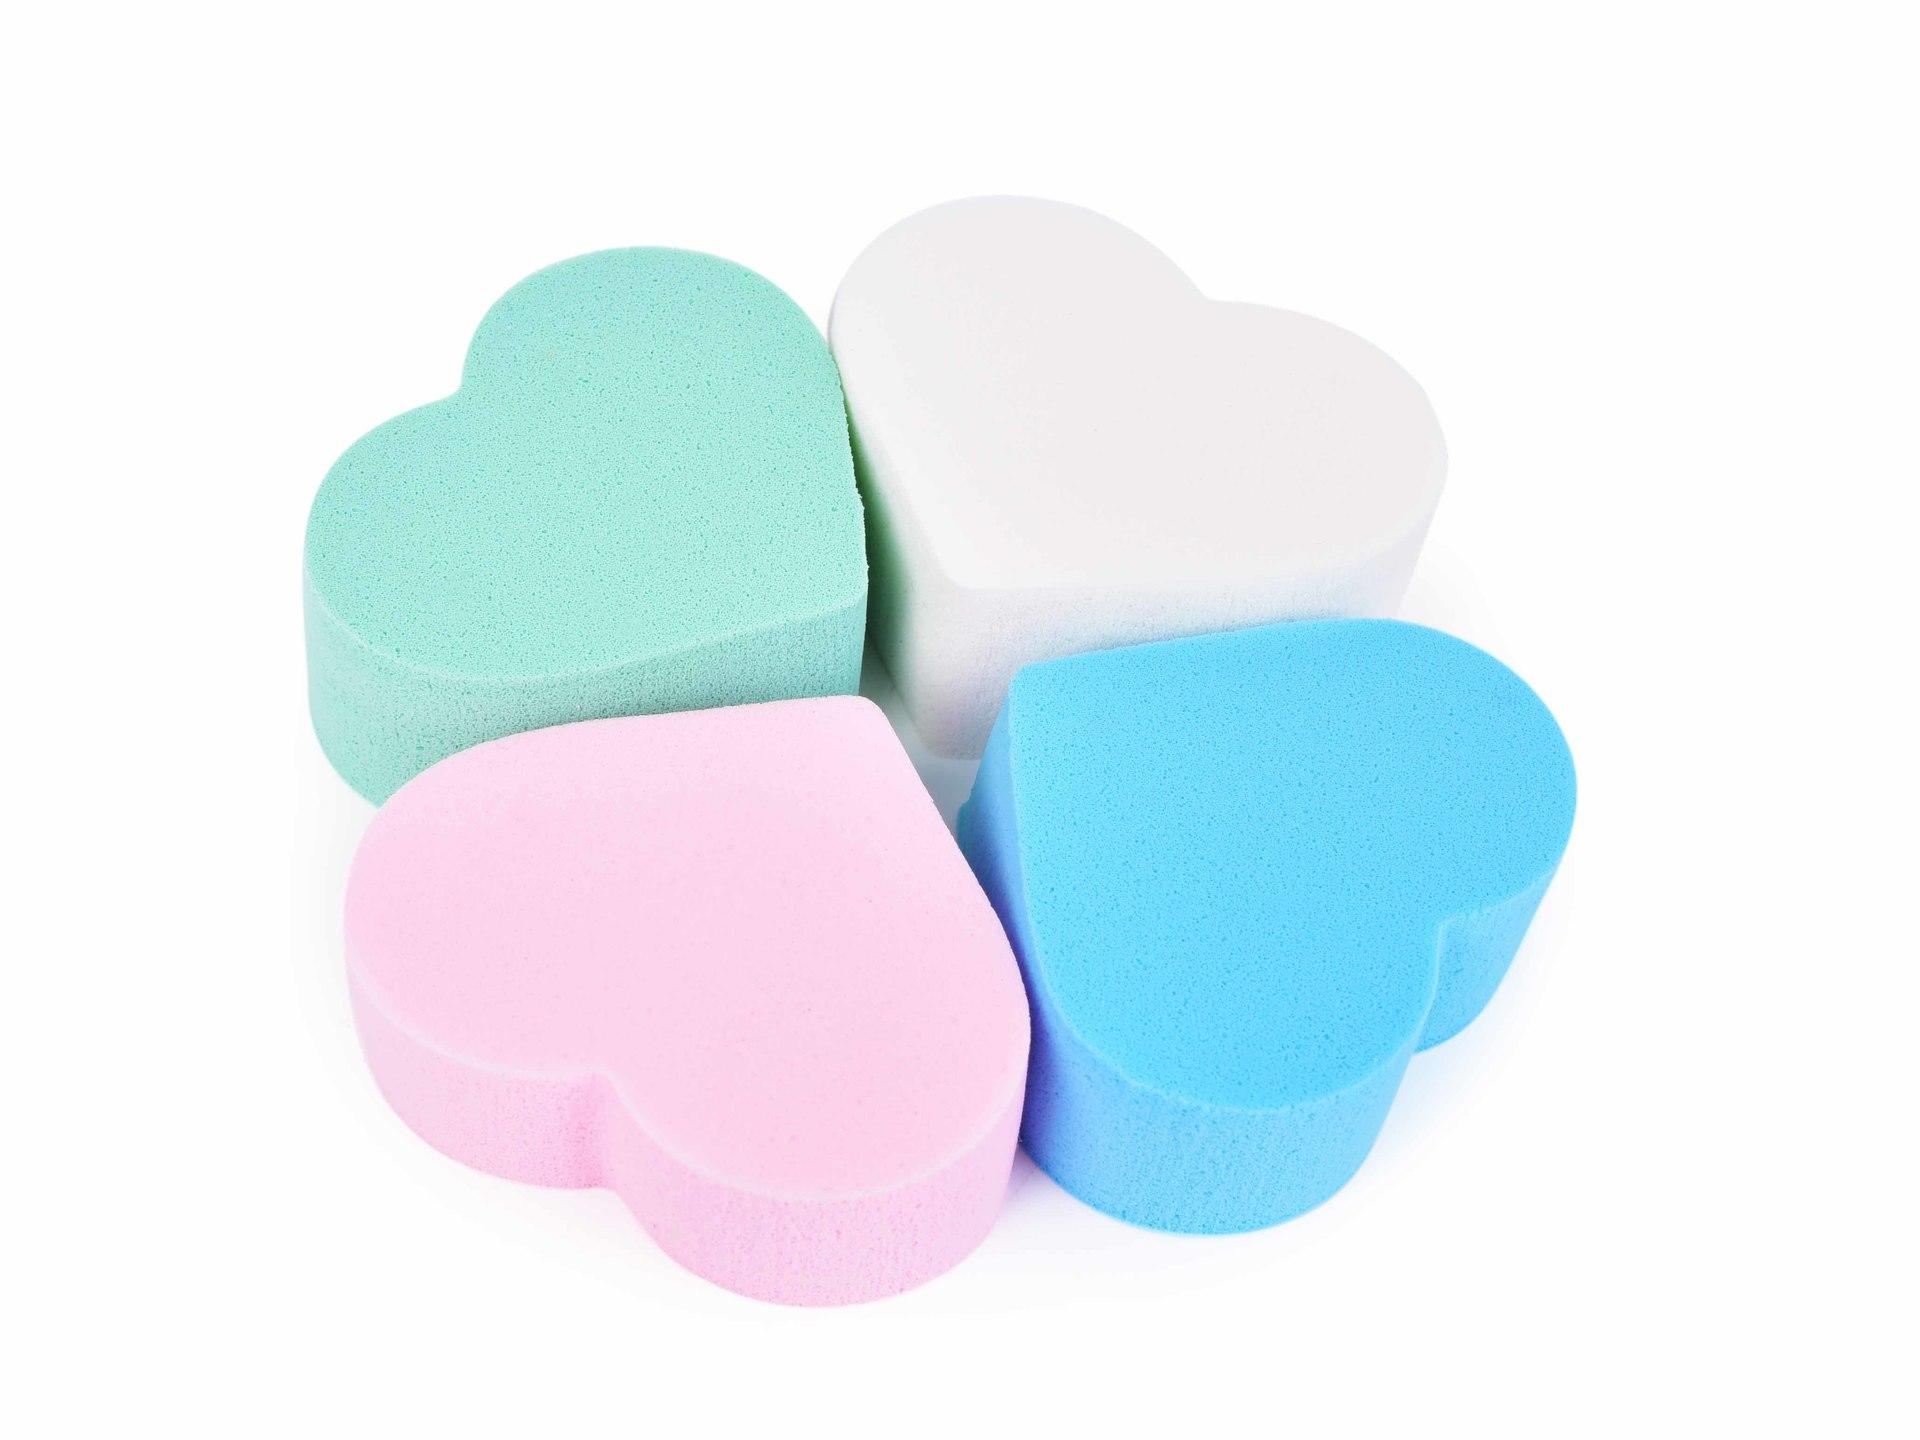 4 ks kosmetické houbičky na make-up ve tvaru srdce